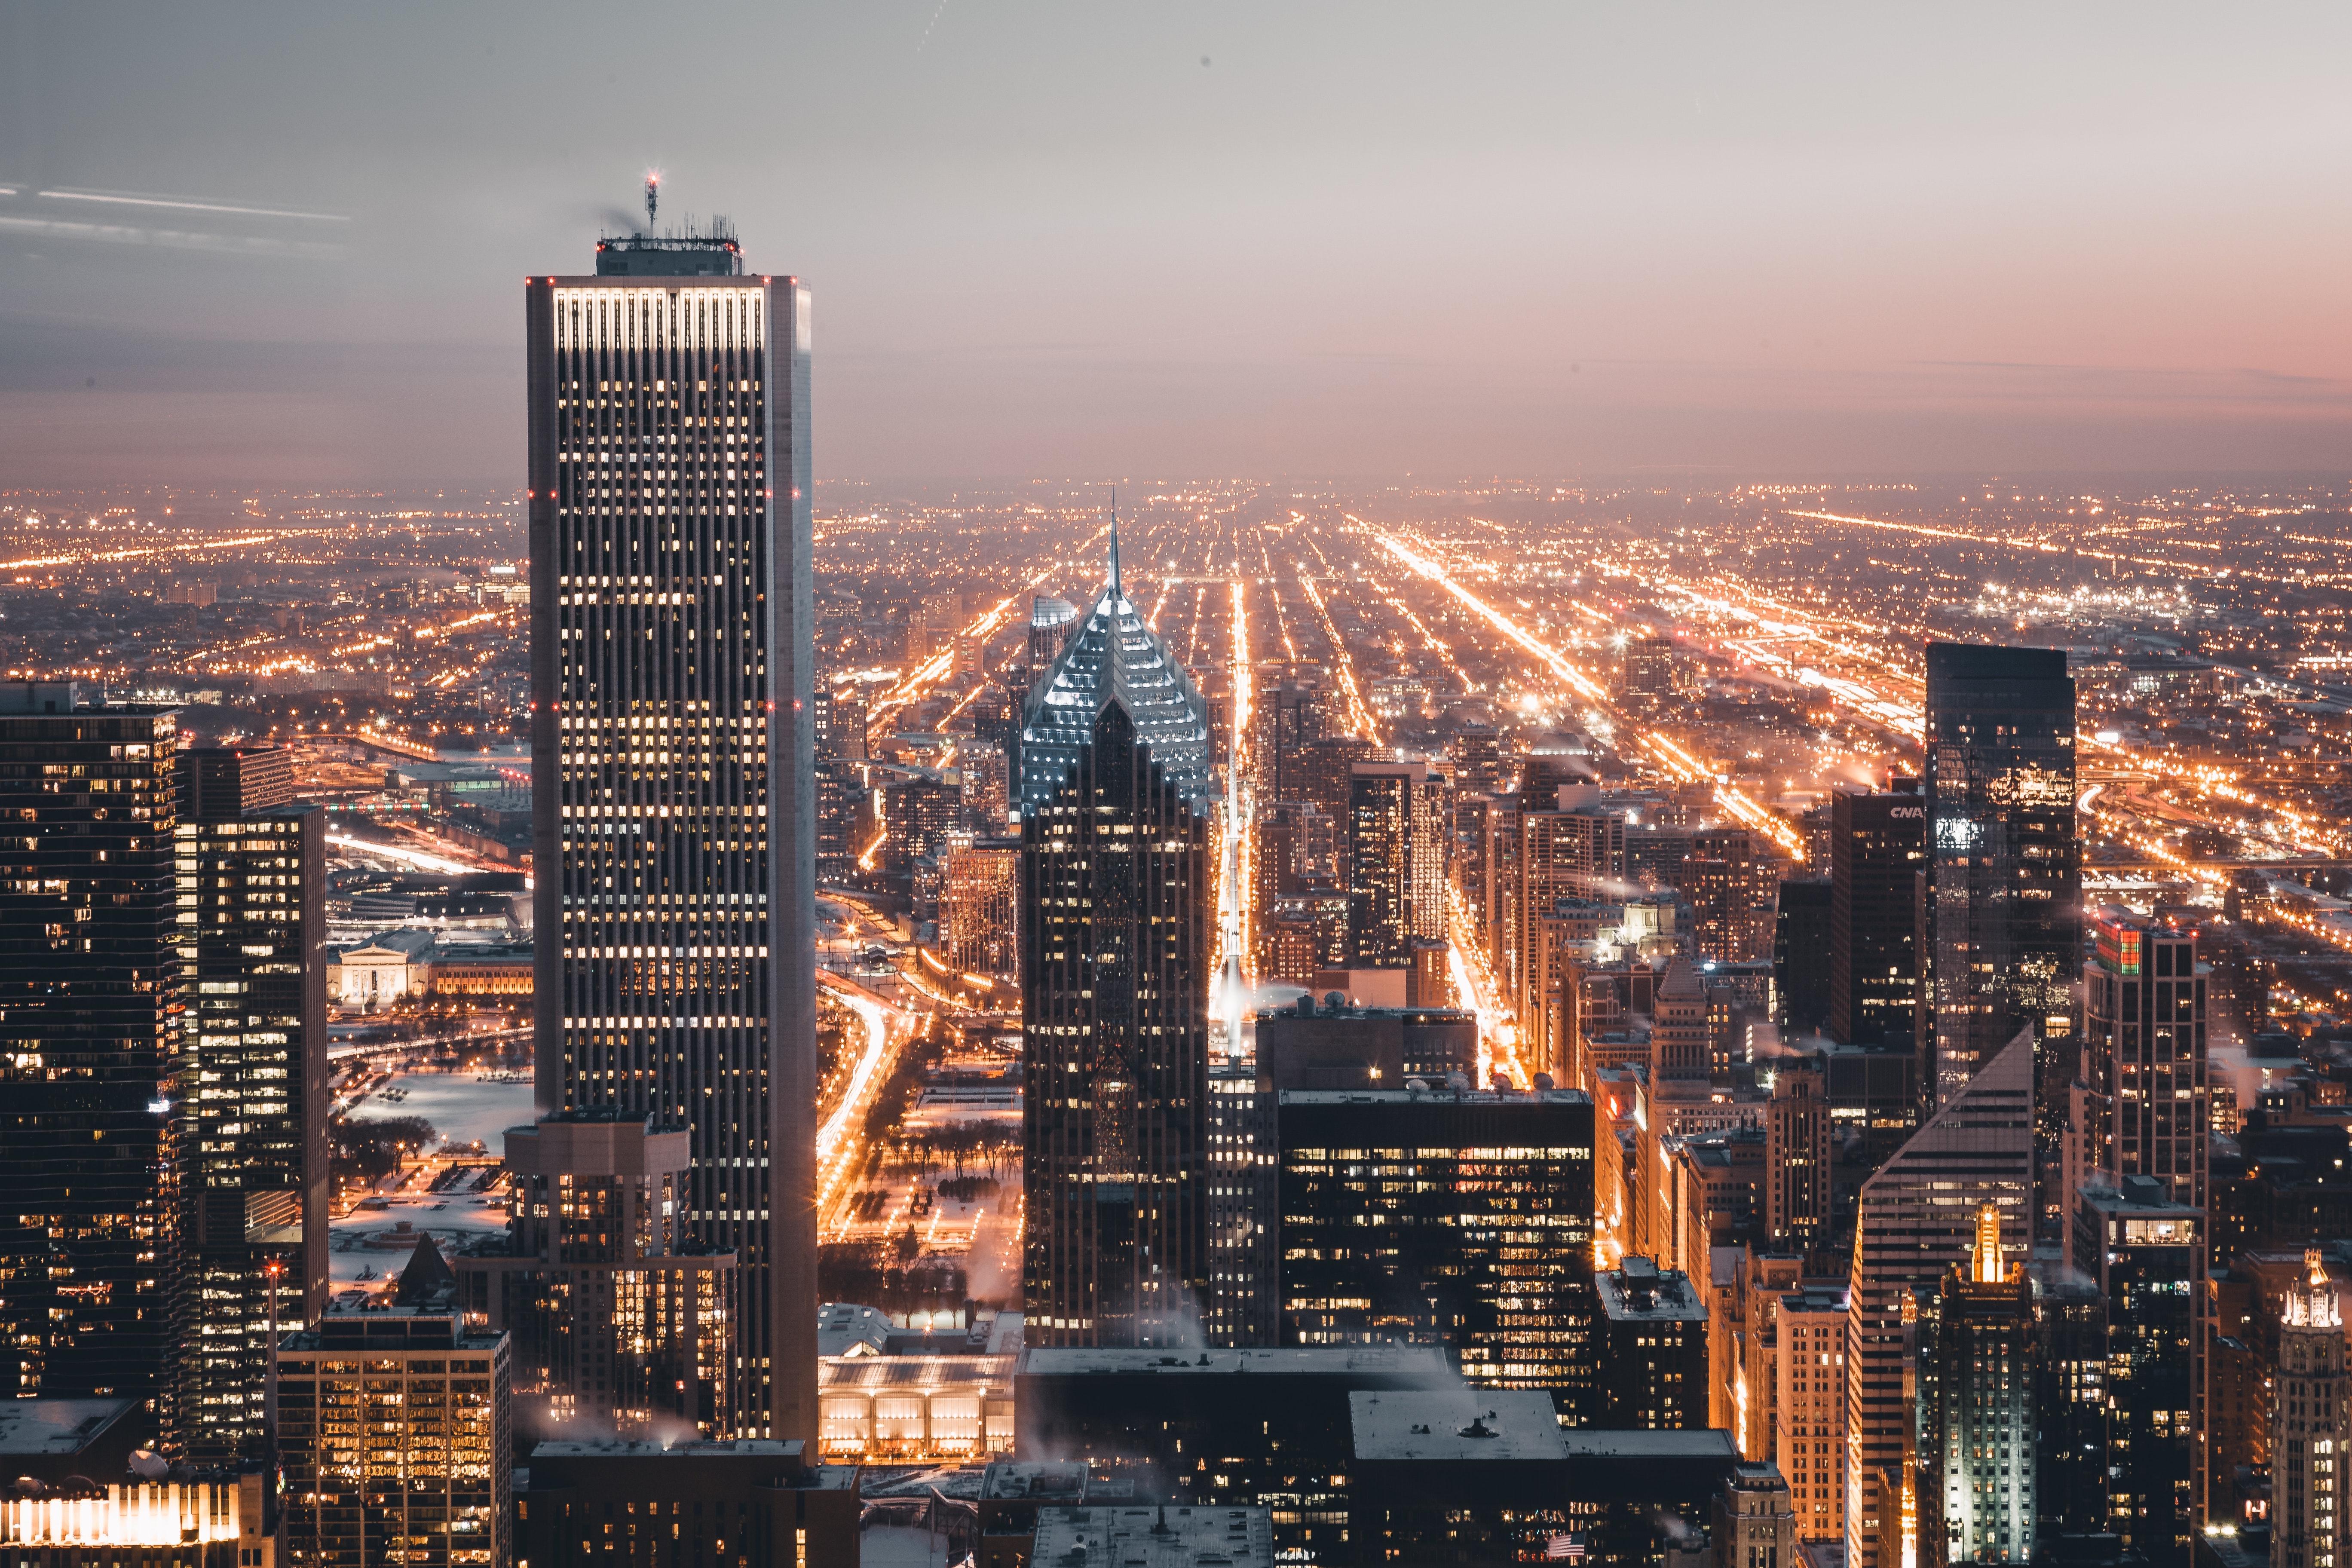 architecture-buildings-city-373893